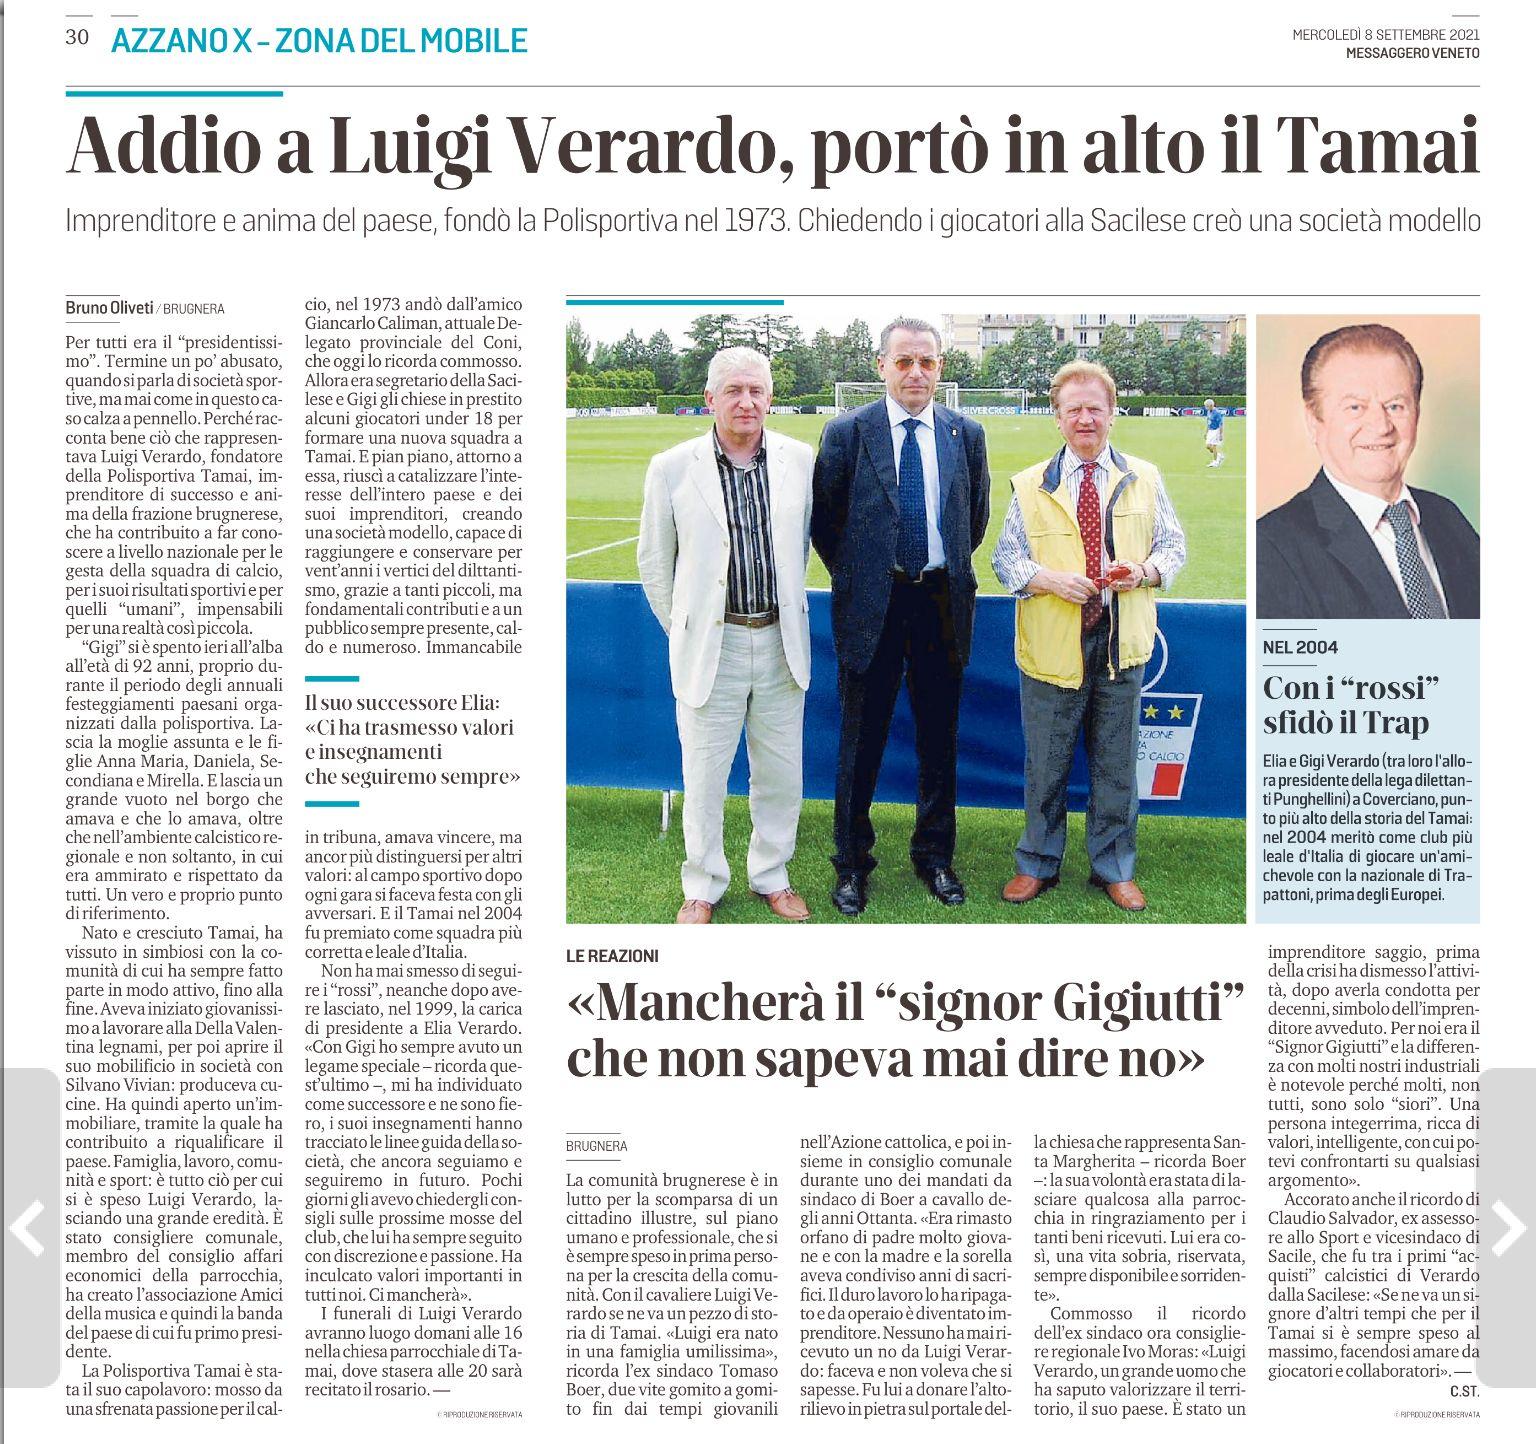 Luigi Verardo mess